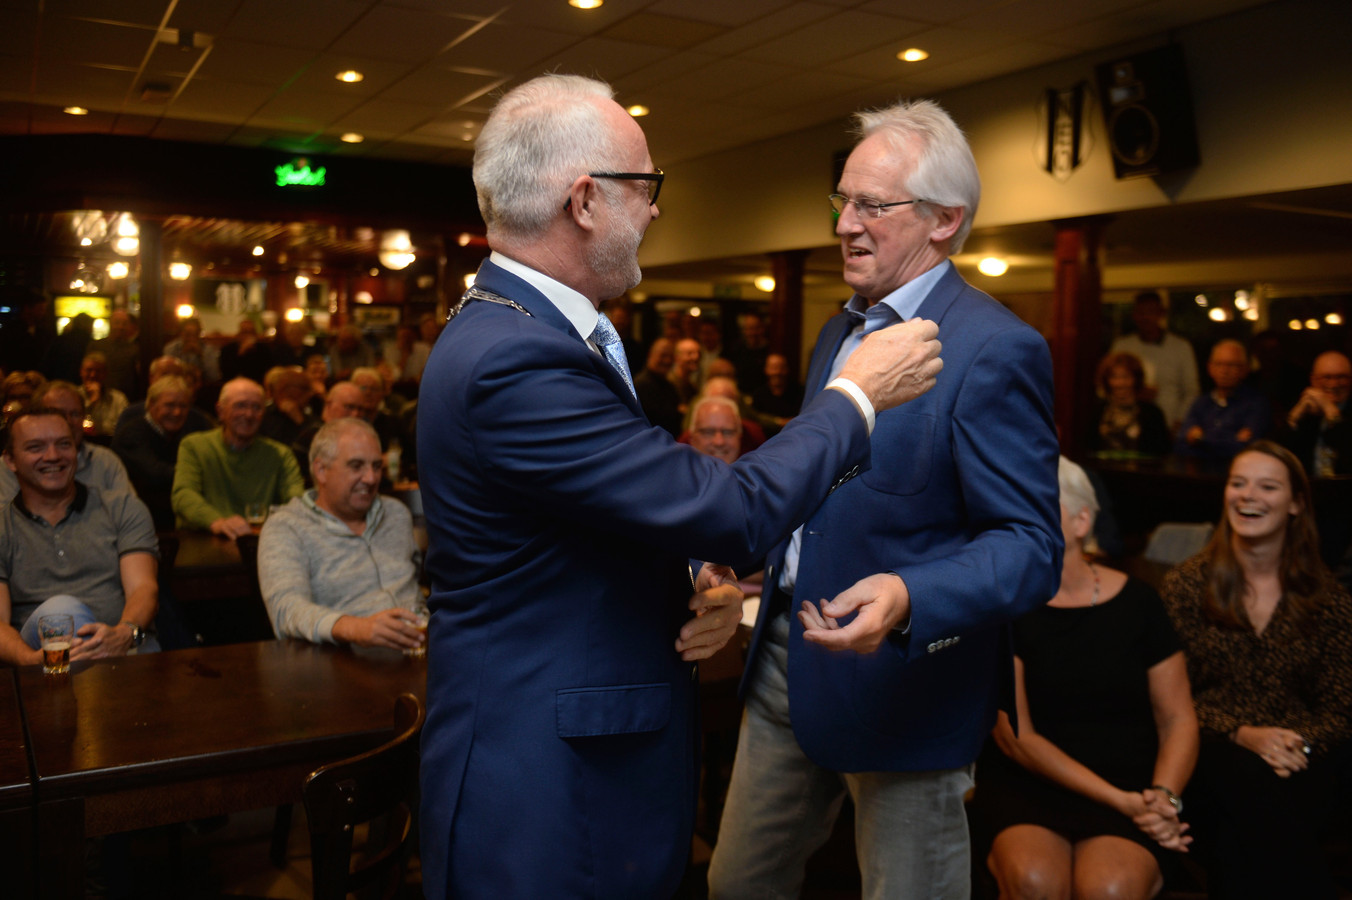 Burgemeester Gerard van den Hengel (links) speldt Harrie Besselink de koninklijke onderscheiding op.